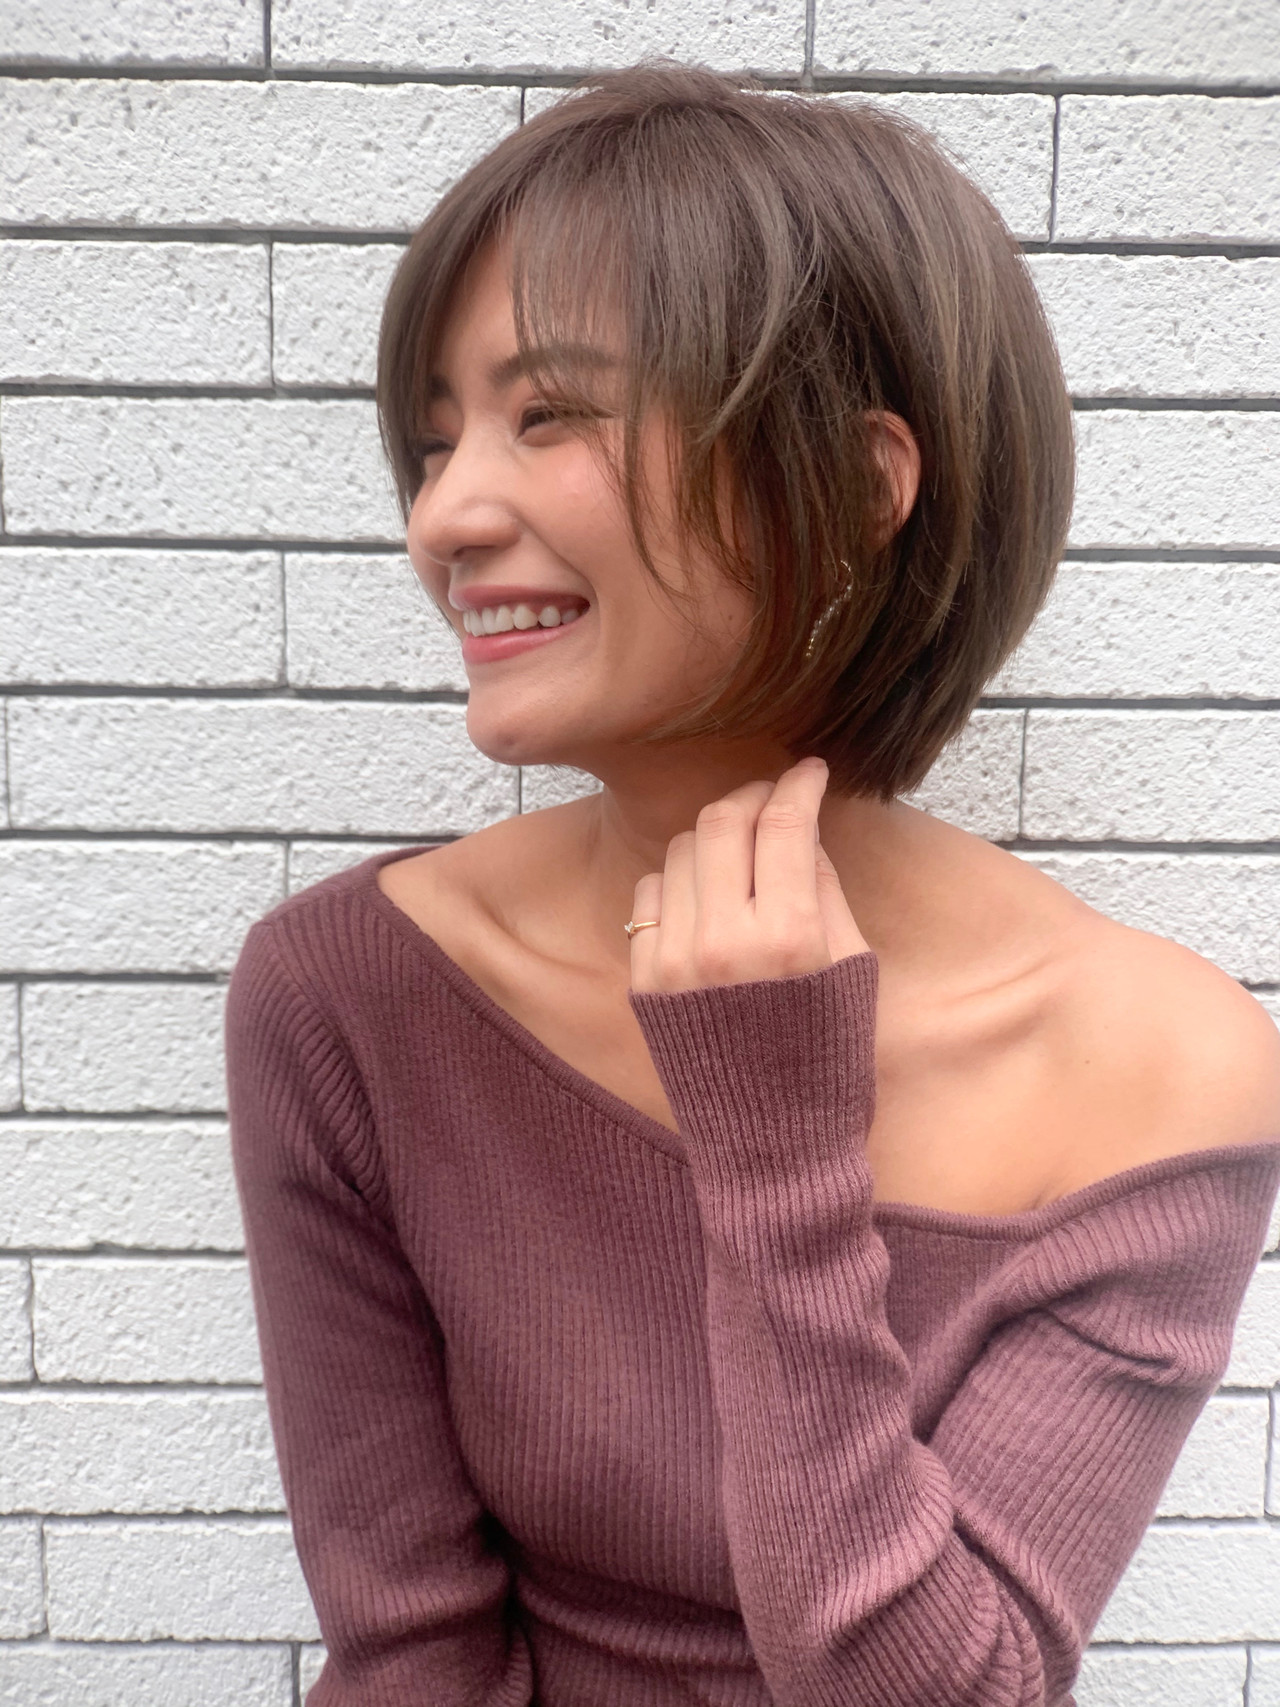 ショートヘア ショート  前髪あり ヘアスタイルや髪型の写真・画像 | 山口 健太 / Lond ange